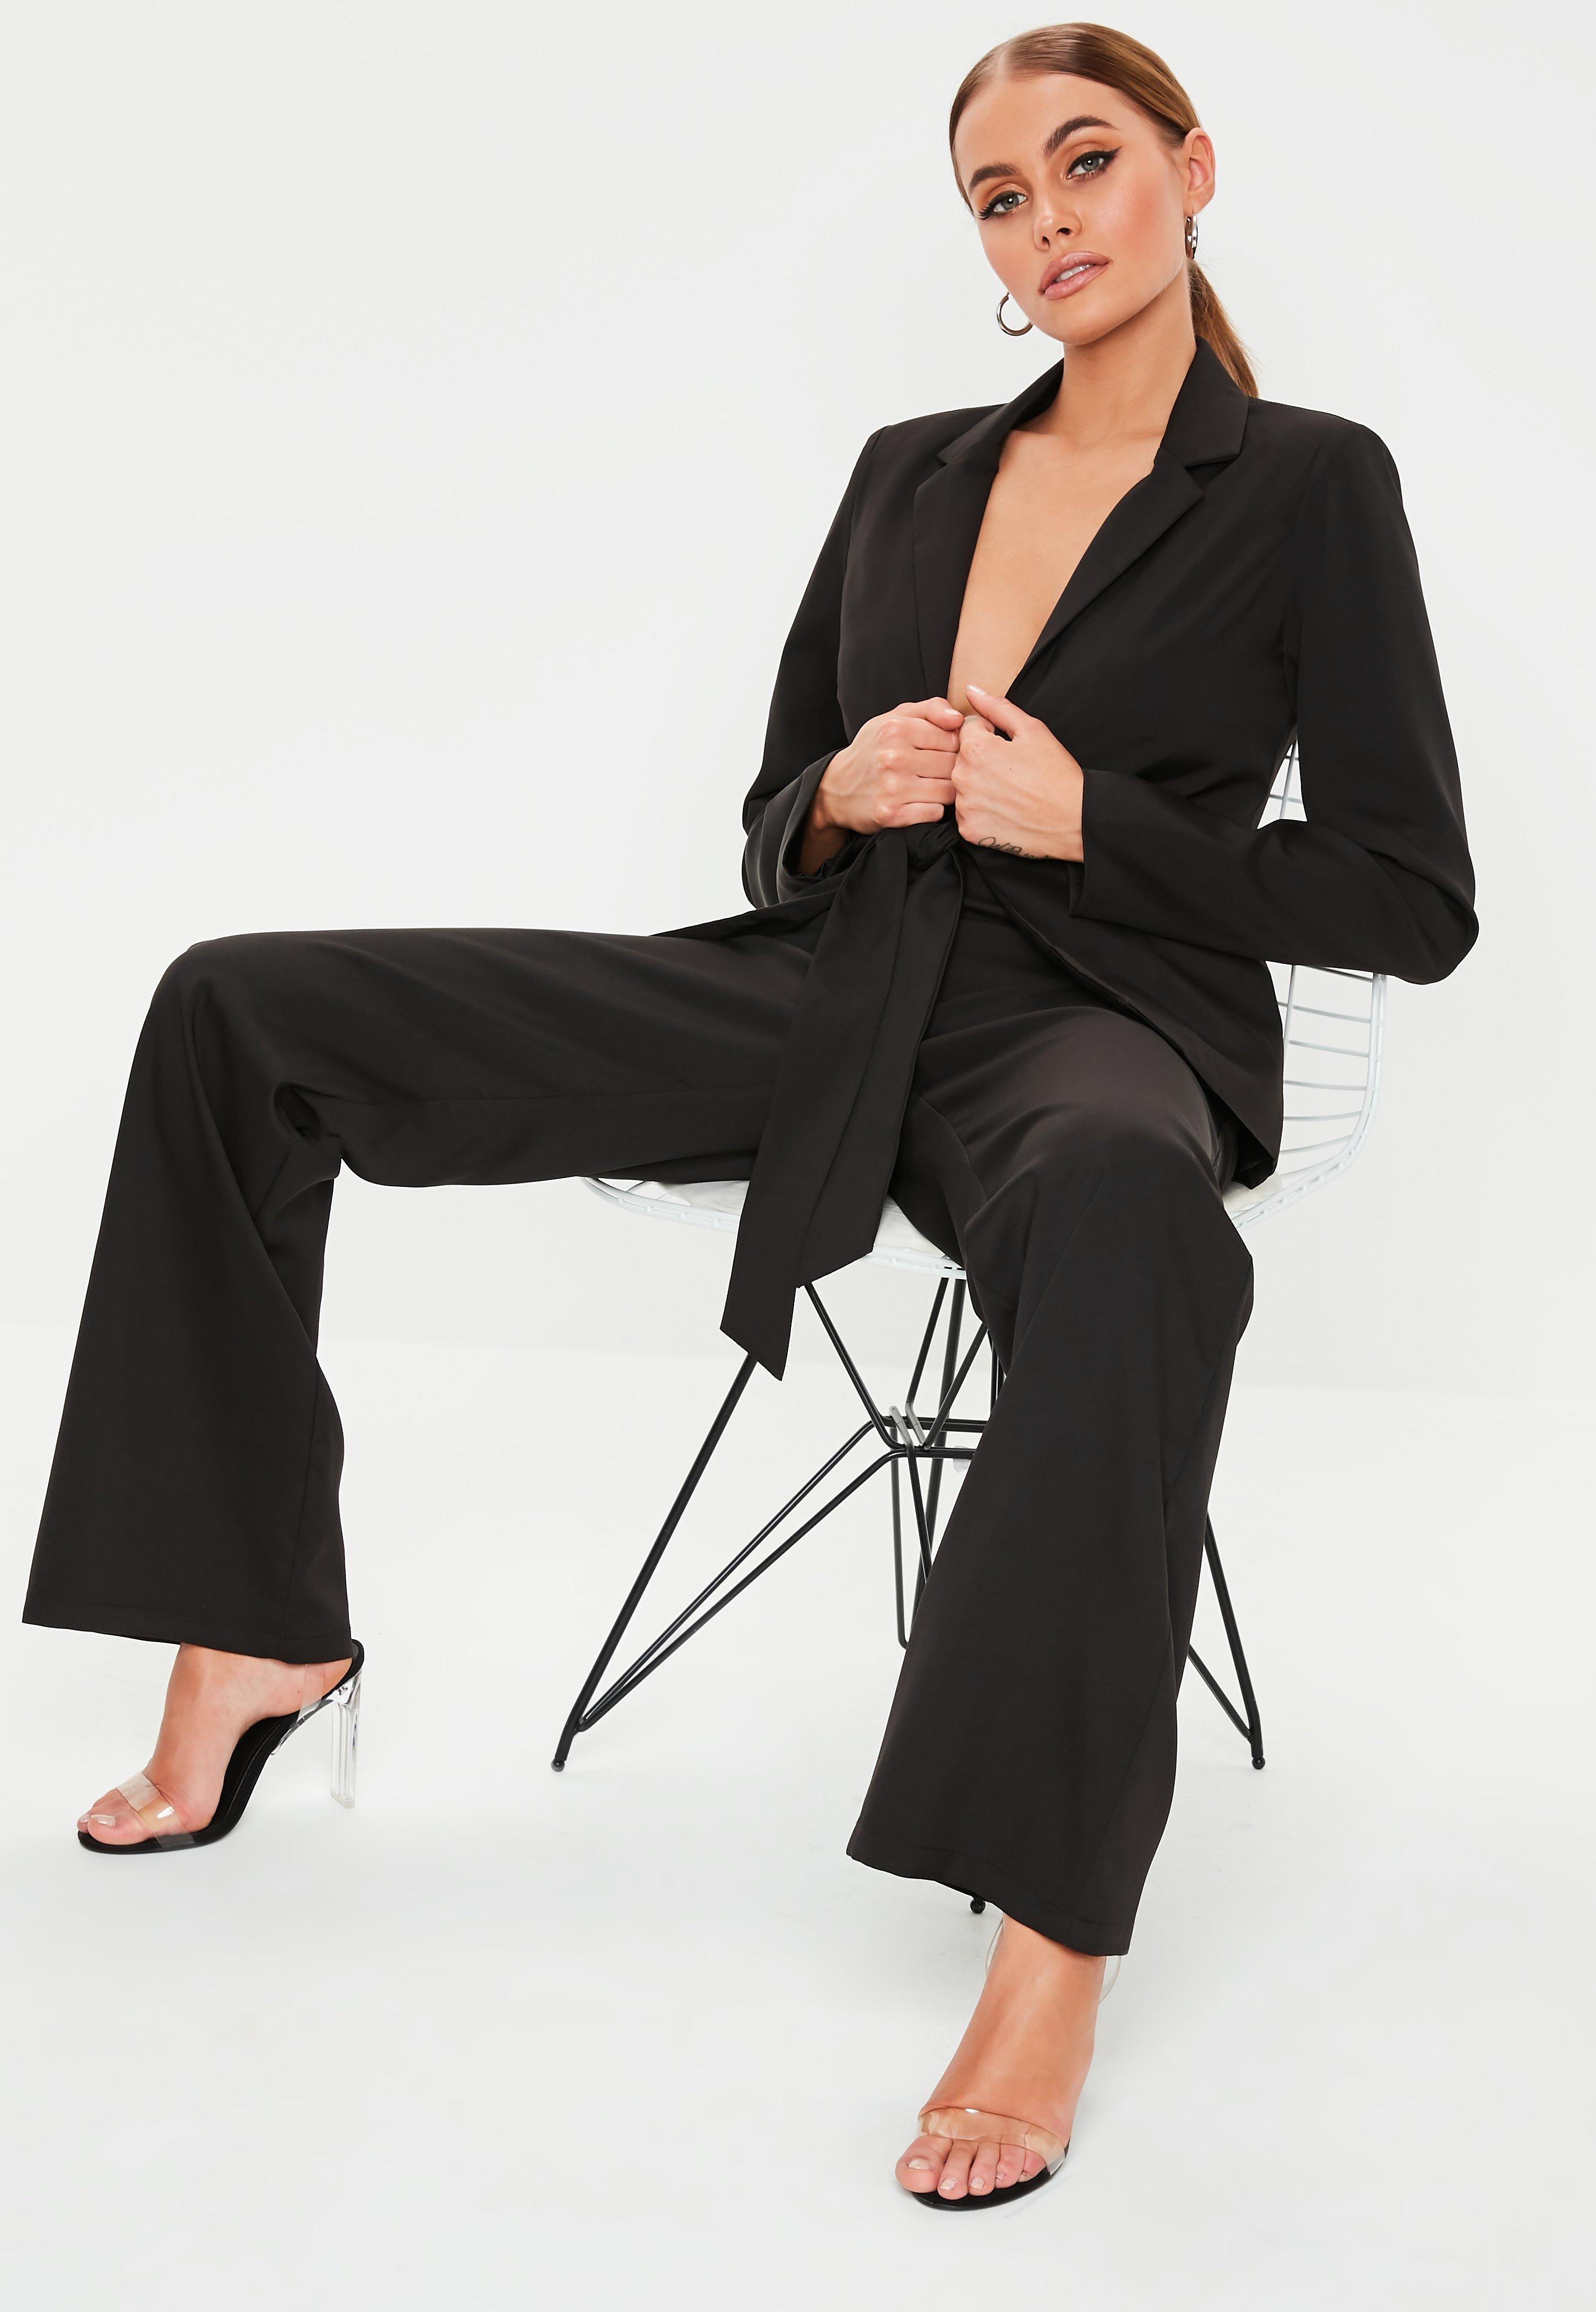 efa921c8b93ff Pantalon large - Achat pantalon fluide pour femme - Missguided